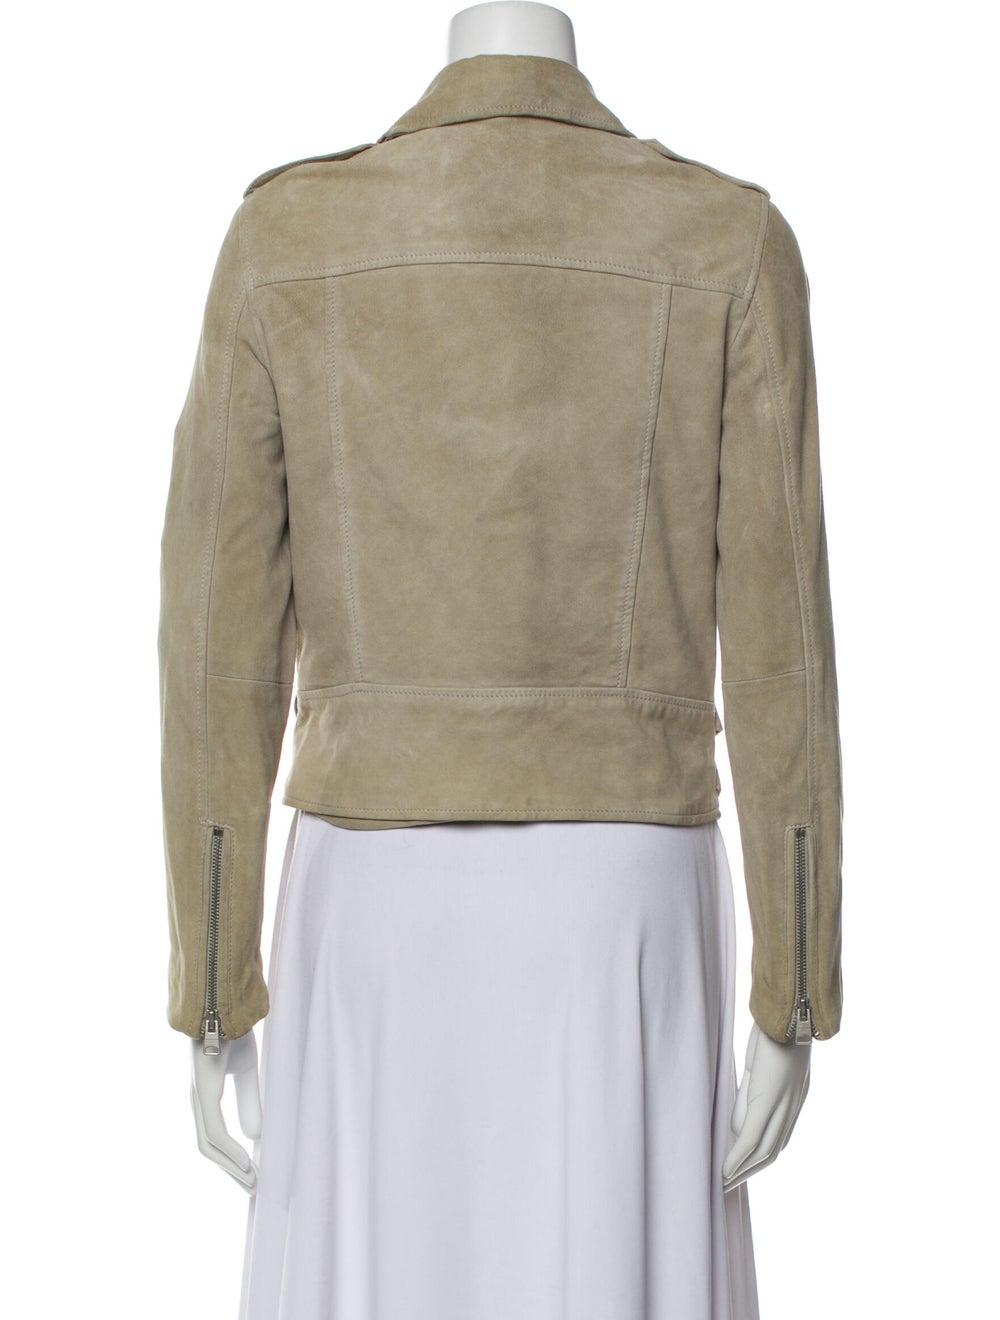 AllSaints Goat Leather Biker Jacket - image 3